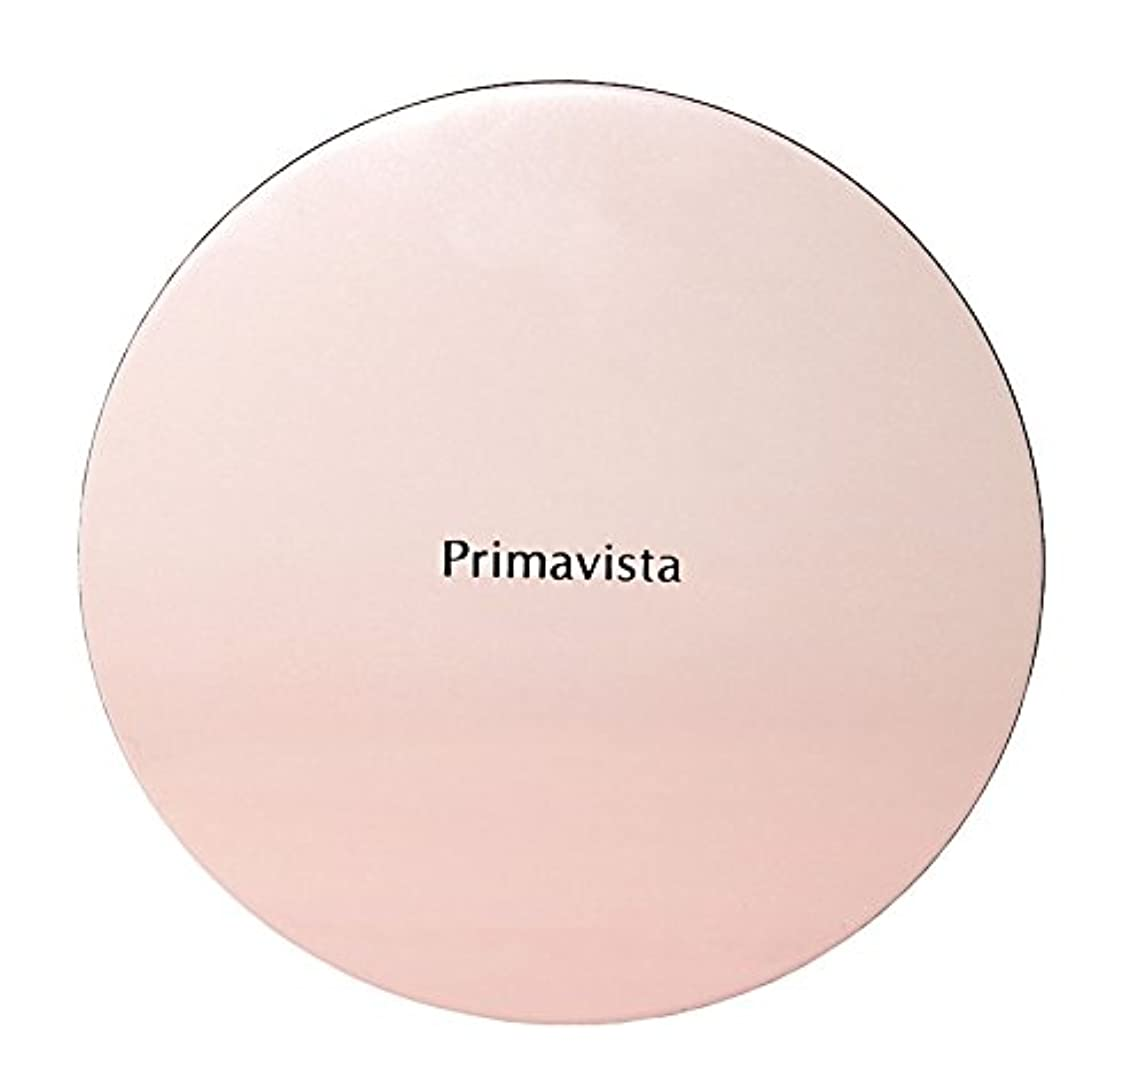 到着アデレード区画プリマヴィスタ クリーミィコンパクトファンデーションケース